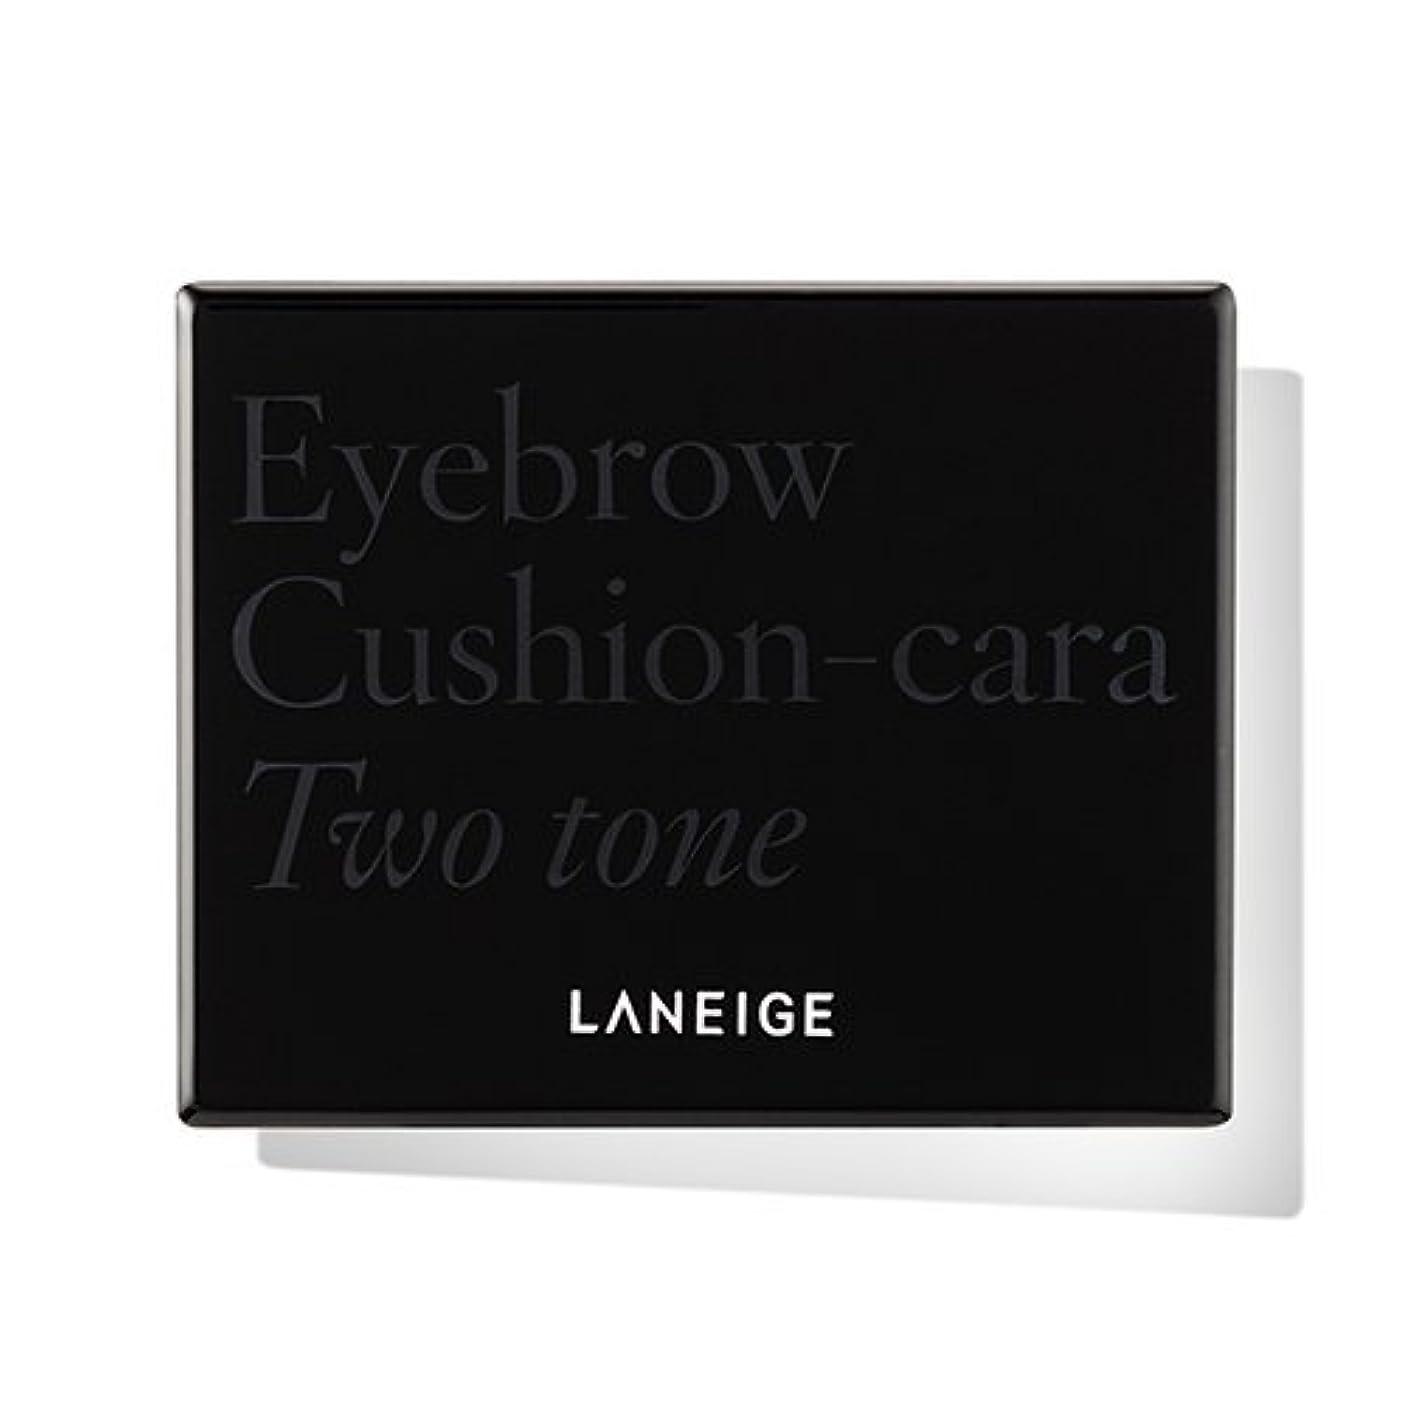 岸シャイピッチャー[New] LANEIGE Eyebrow Cushion-cara 6g/ラネージュ アイブロウ クッション カラ 6g (#2 Two Tone Brown) [並行輸入品]